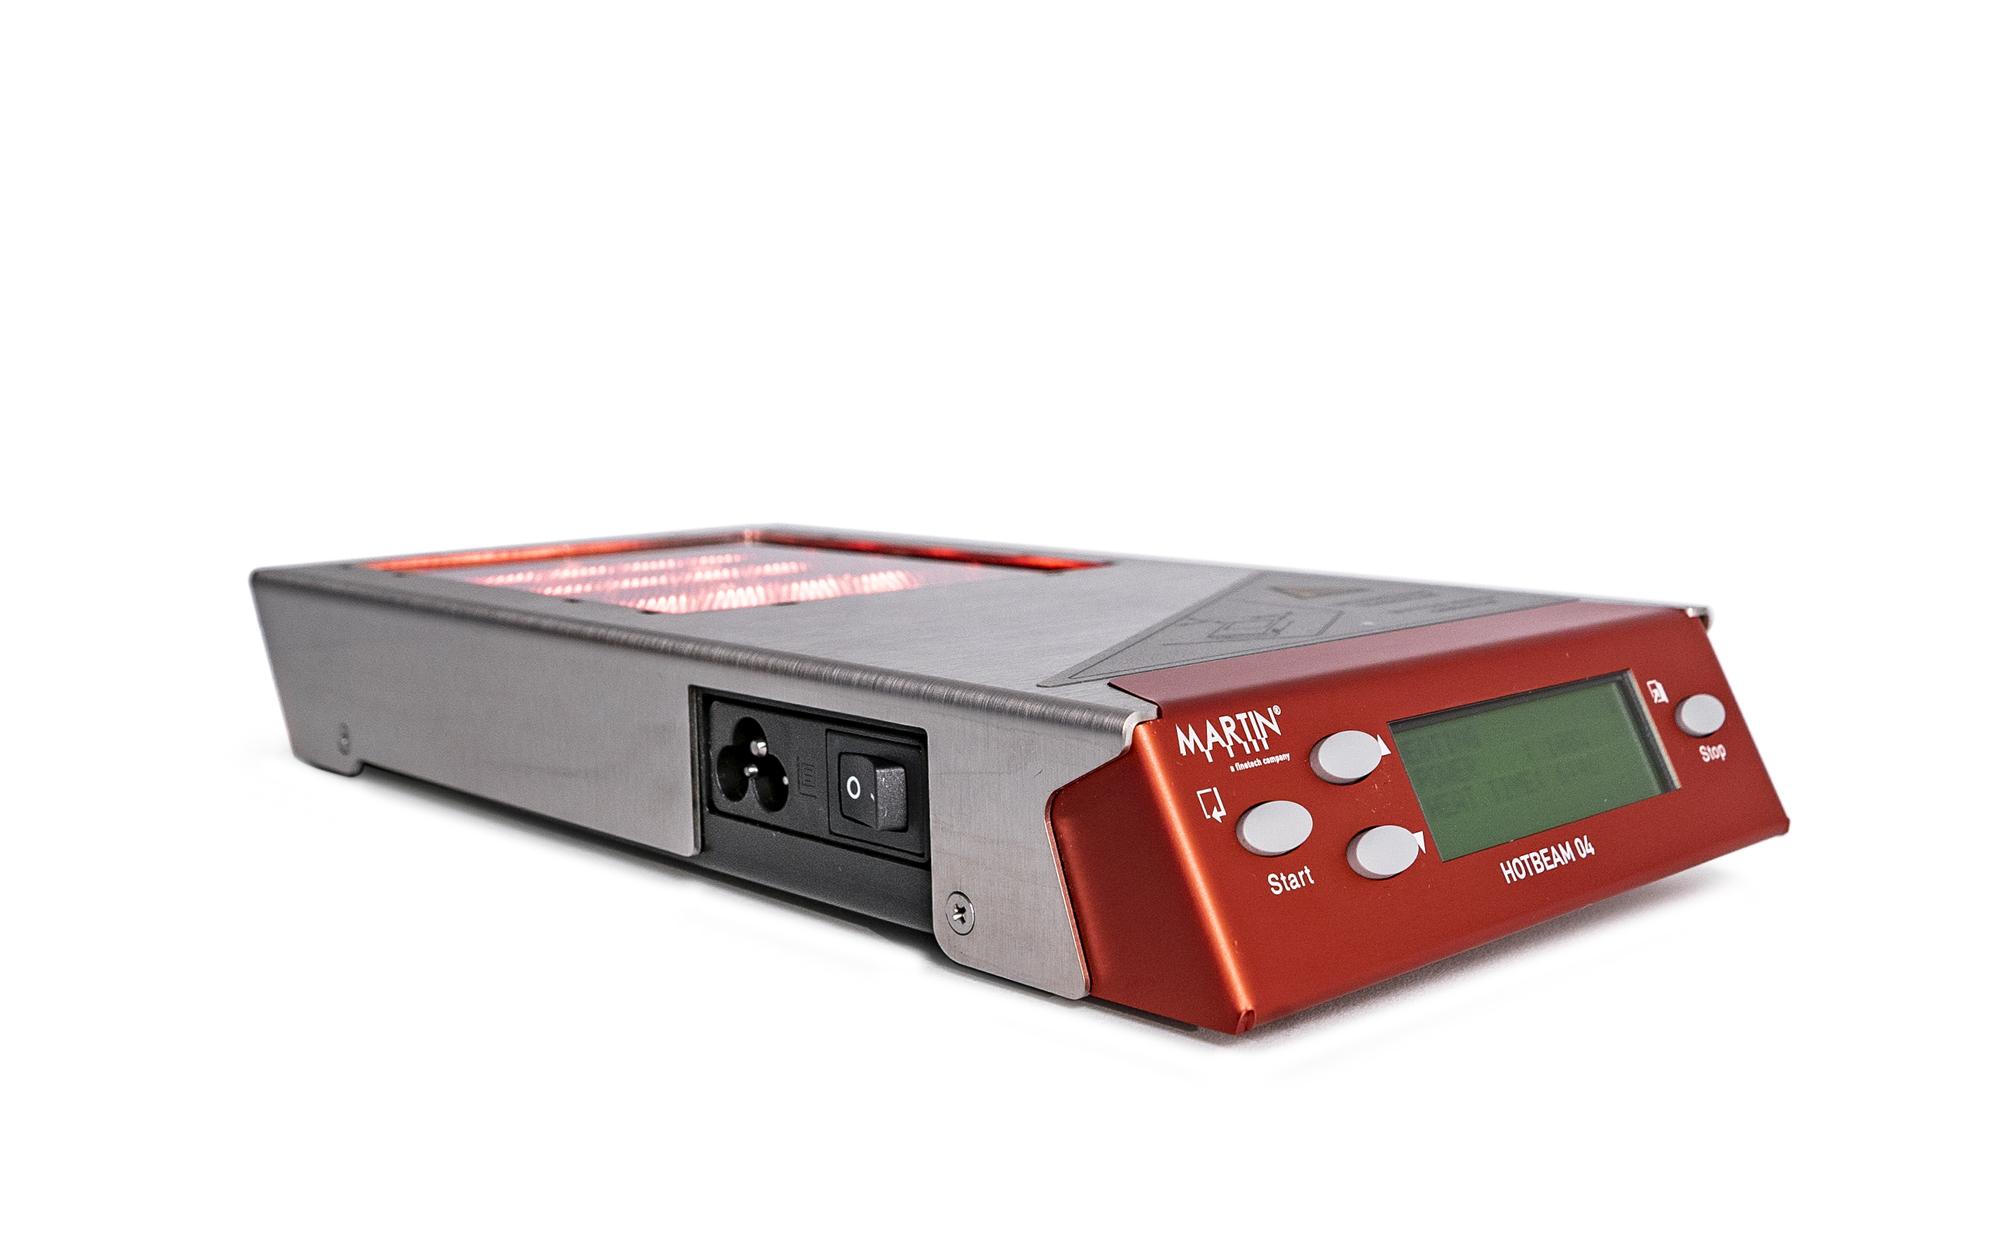 HOTBEAM 04 - 500 W, 230 V